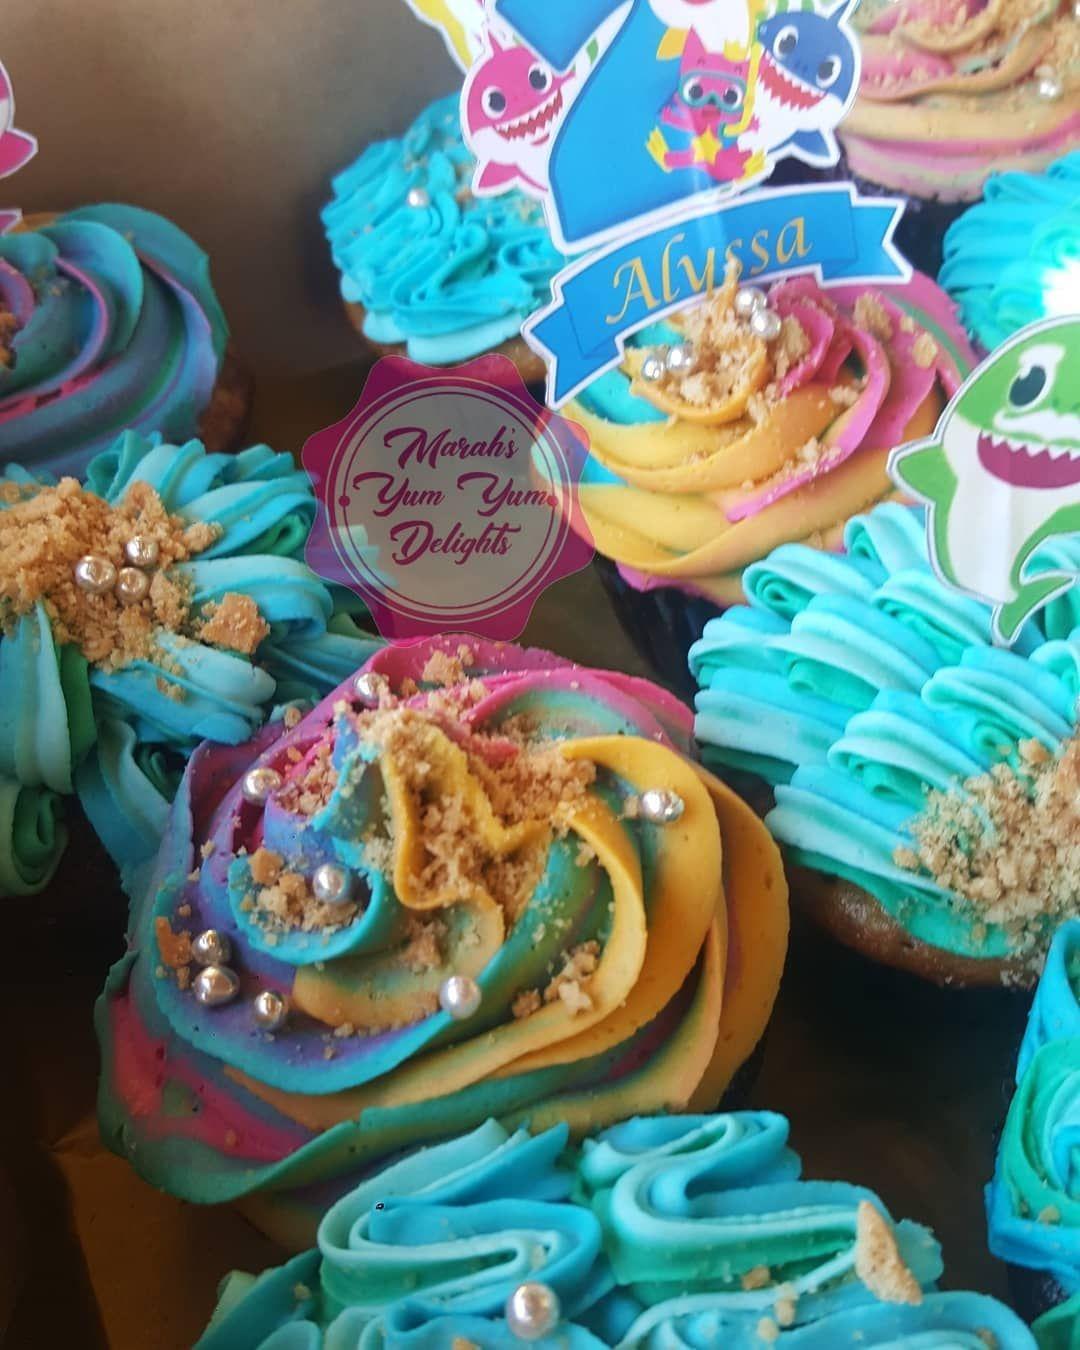 Baby Shark doo doo, doo doo doo doo cupcakes 😍 🤗🥳💕🦈